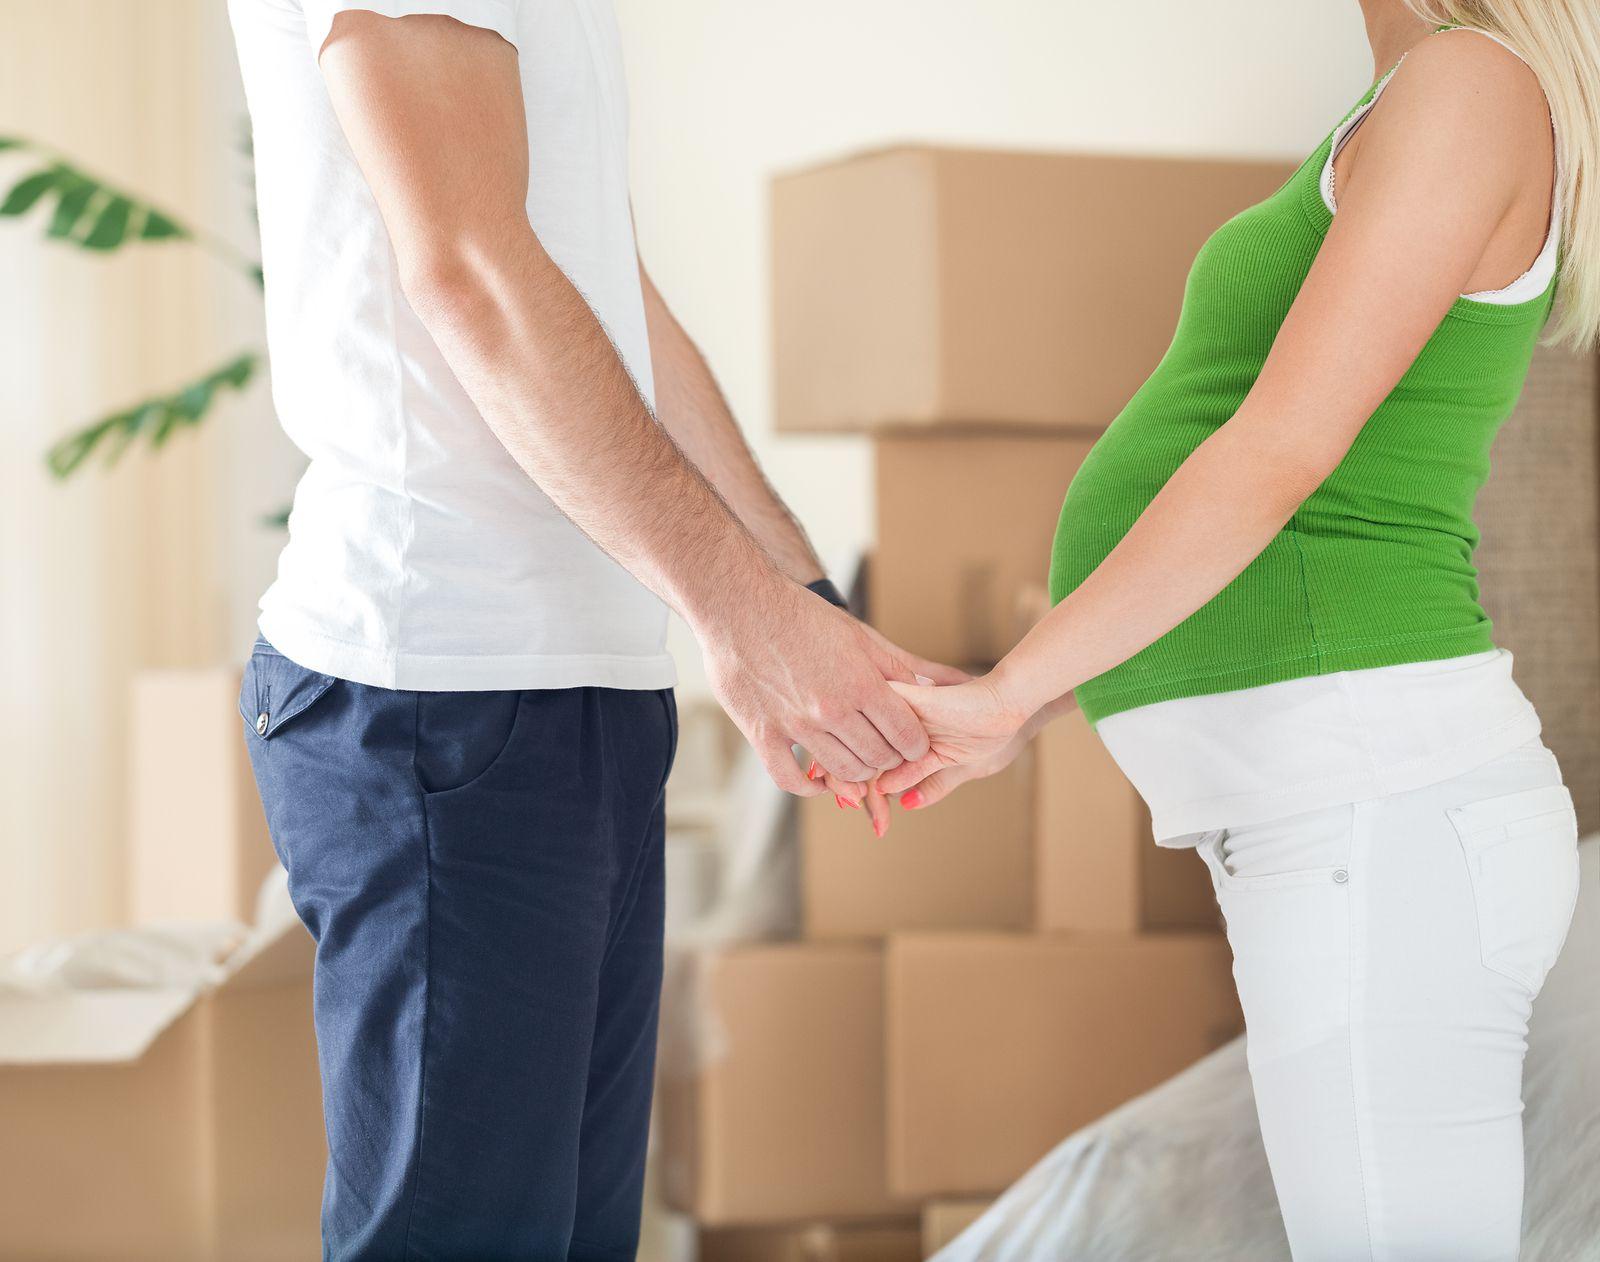 Rent and Drop conseil déménagement femme enceinte